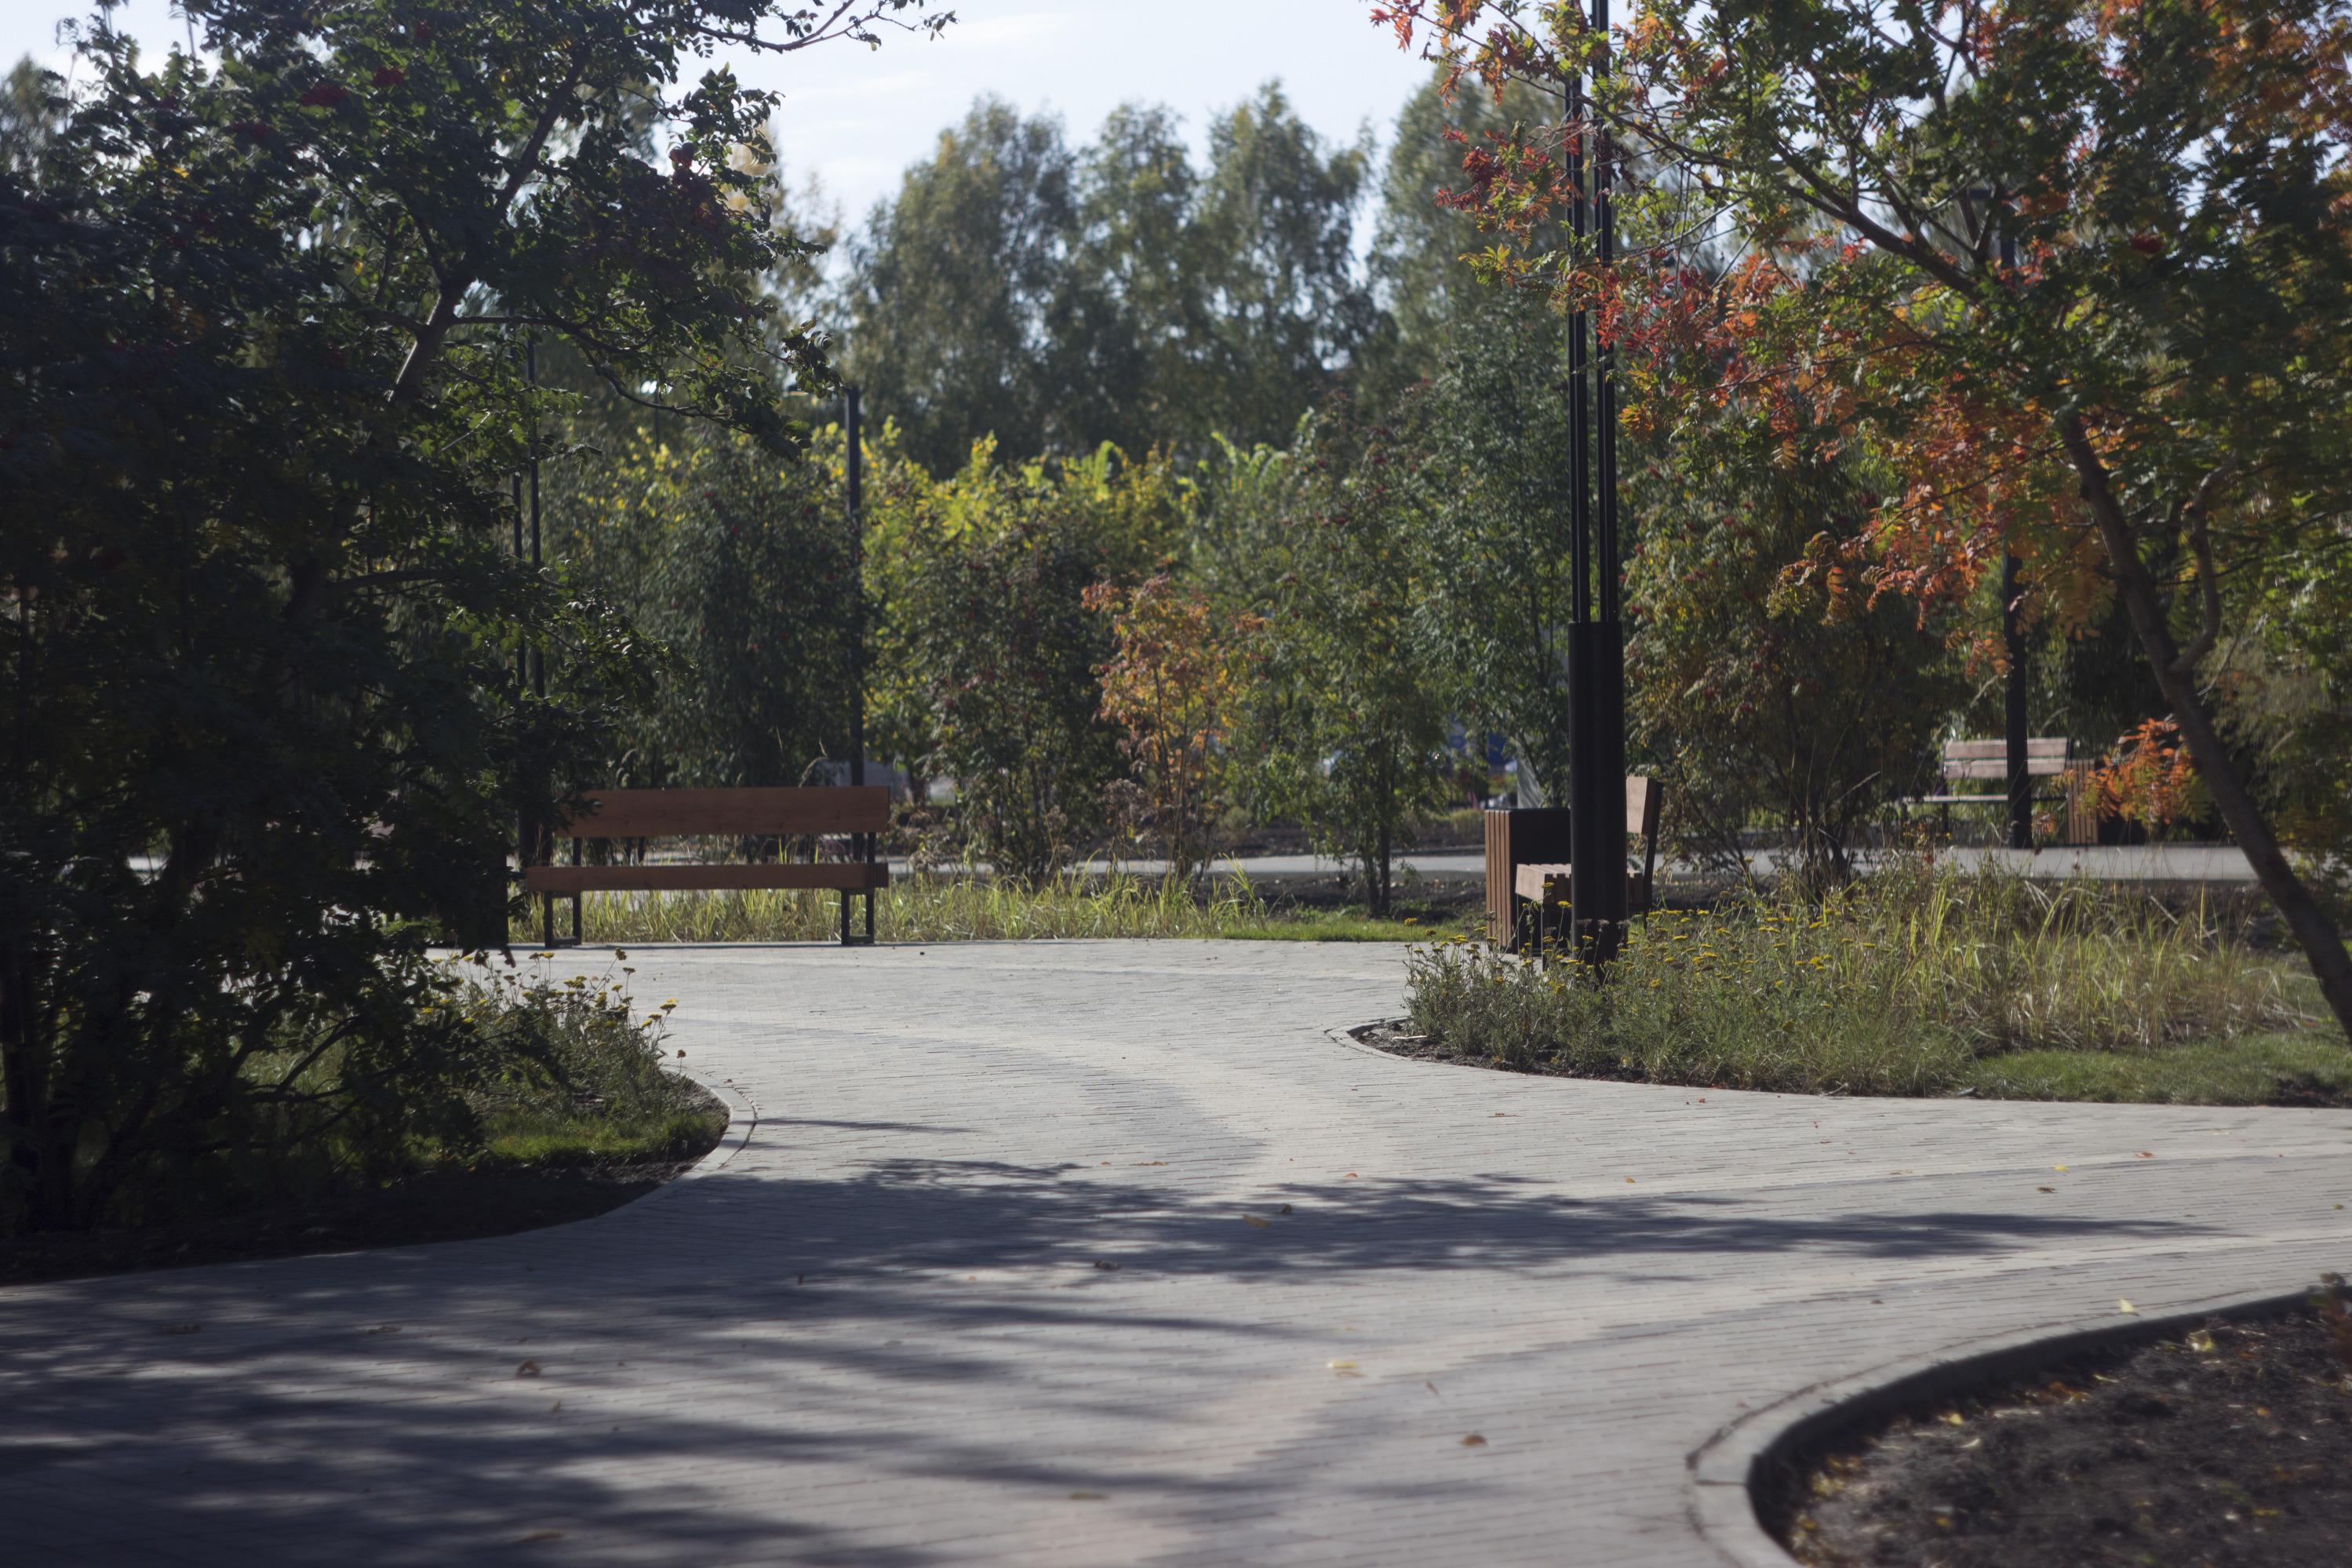 Раньше здесь тоже были посажены деревья и цветы, стояли скамейки, но они были ветхими